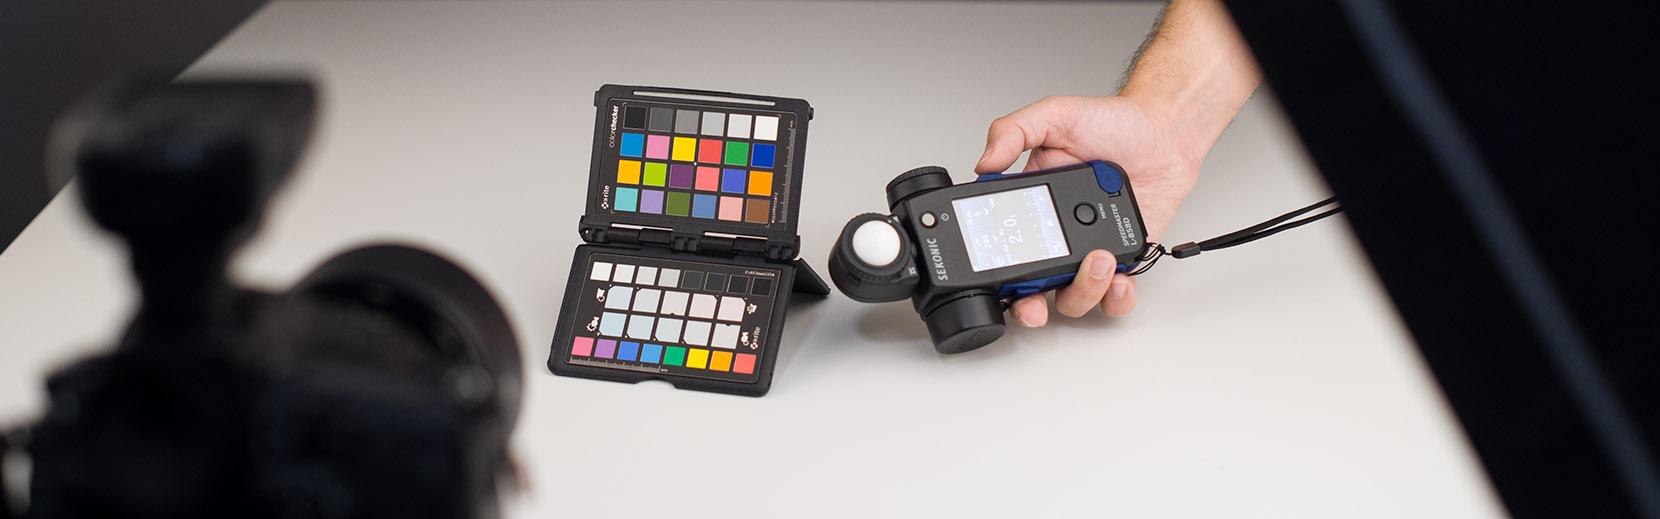 Produktovy fotograf fotenie produktov